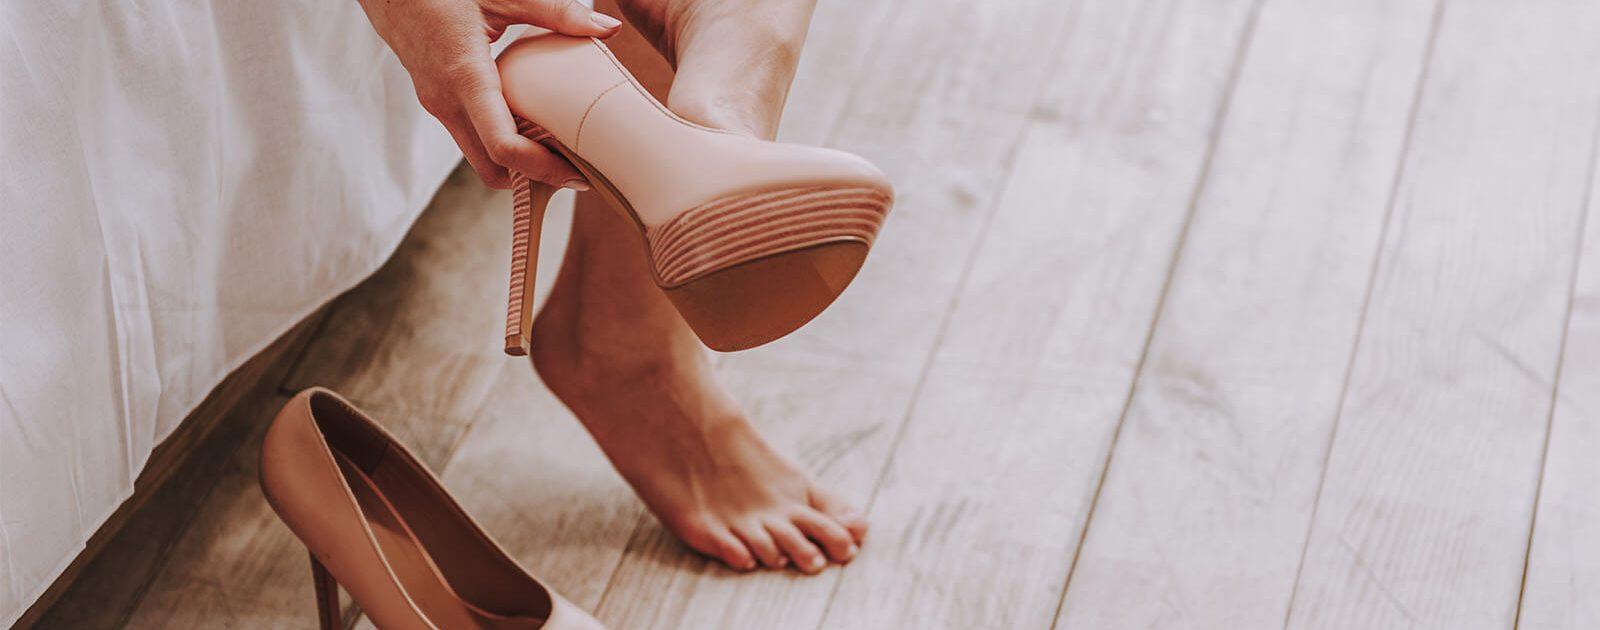 Frau mit schmerzenden Füßen zieht zu enge, hohe Schuhe aus, die das Risiko für das Kamerad-Schnürschuh-Syndrom erhöhen.